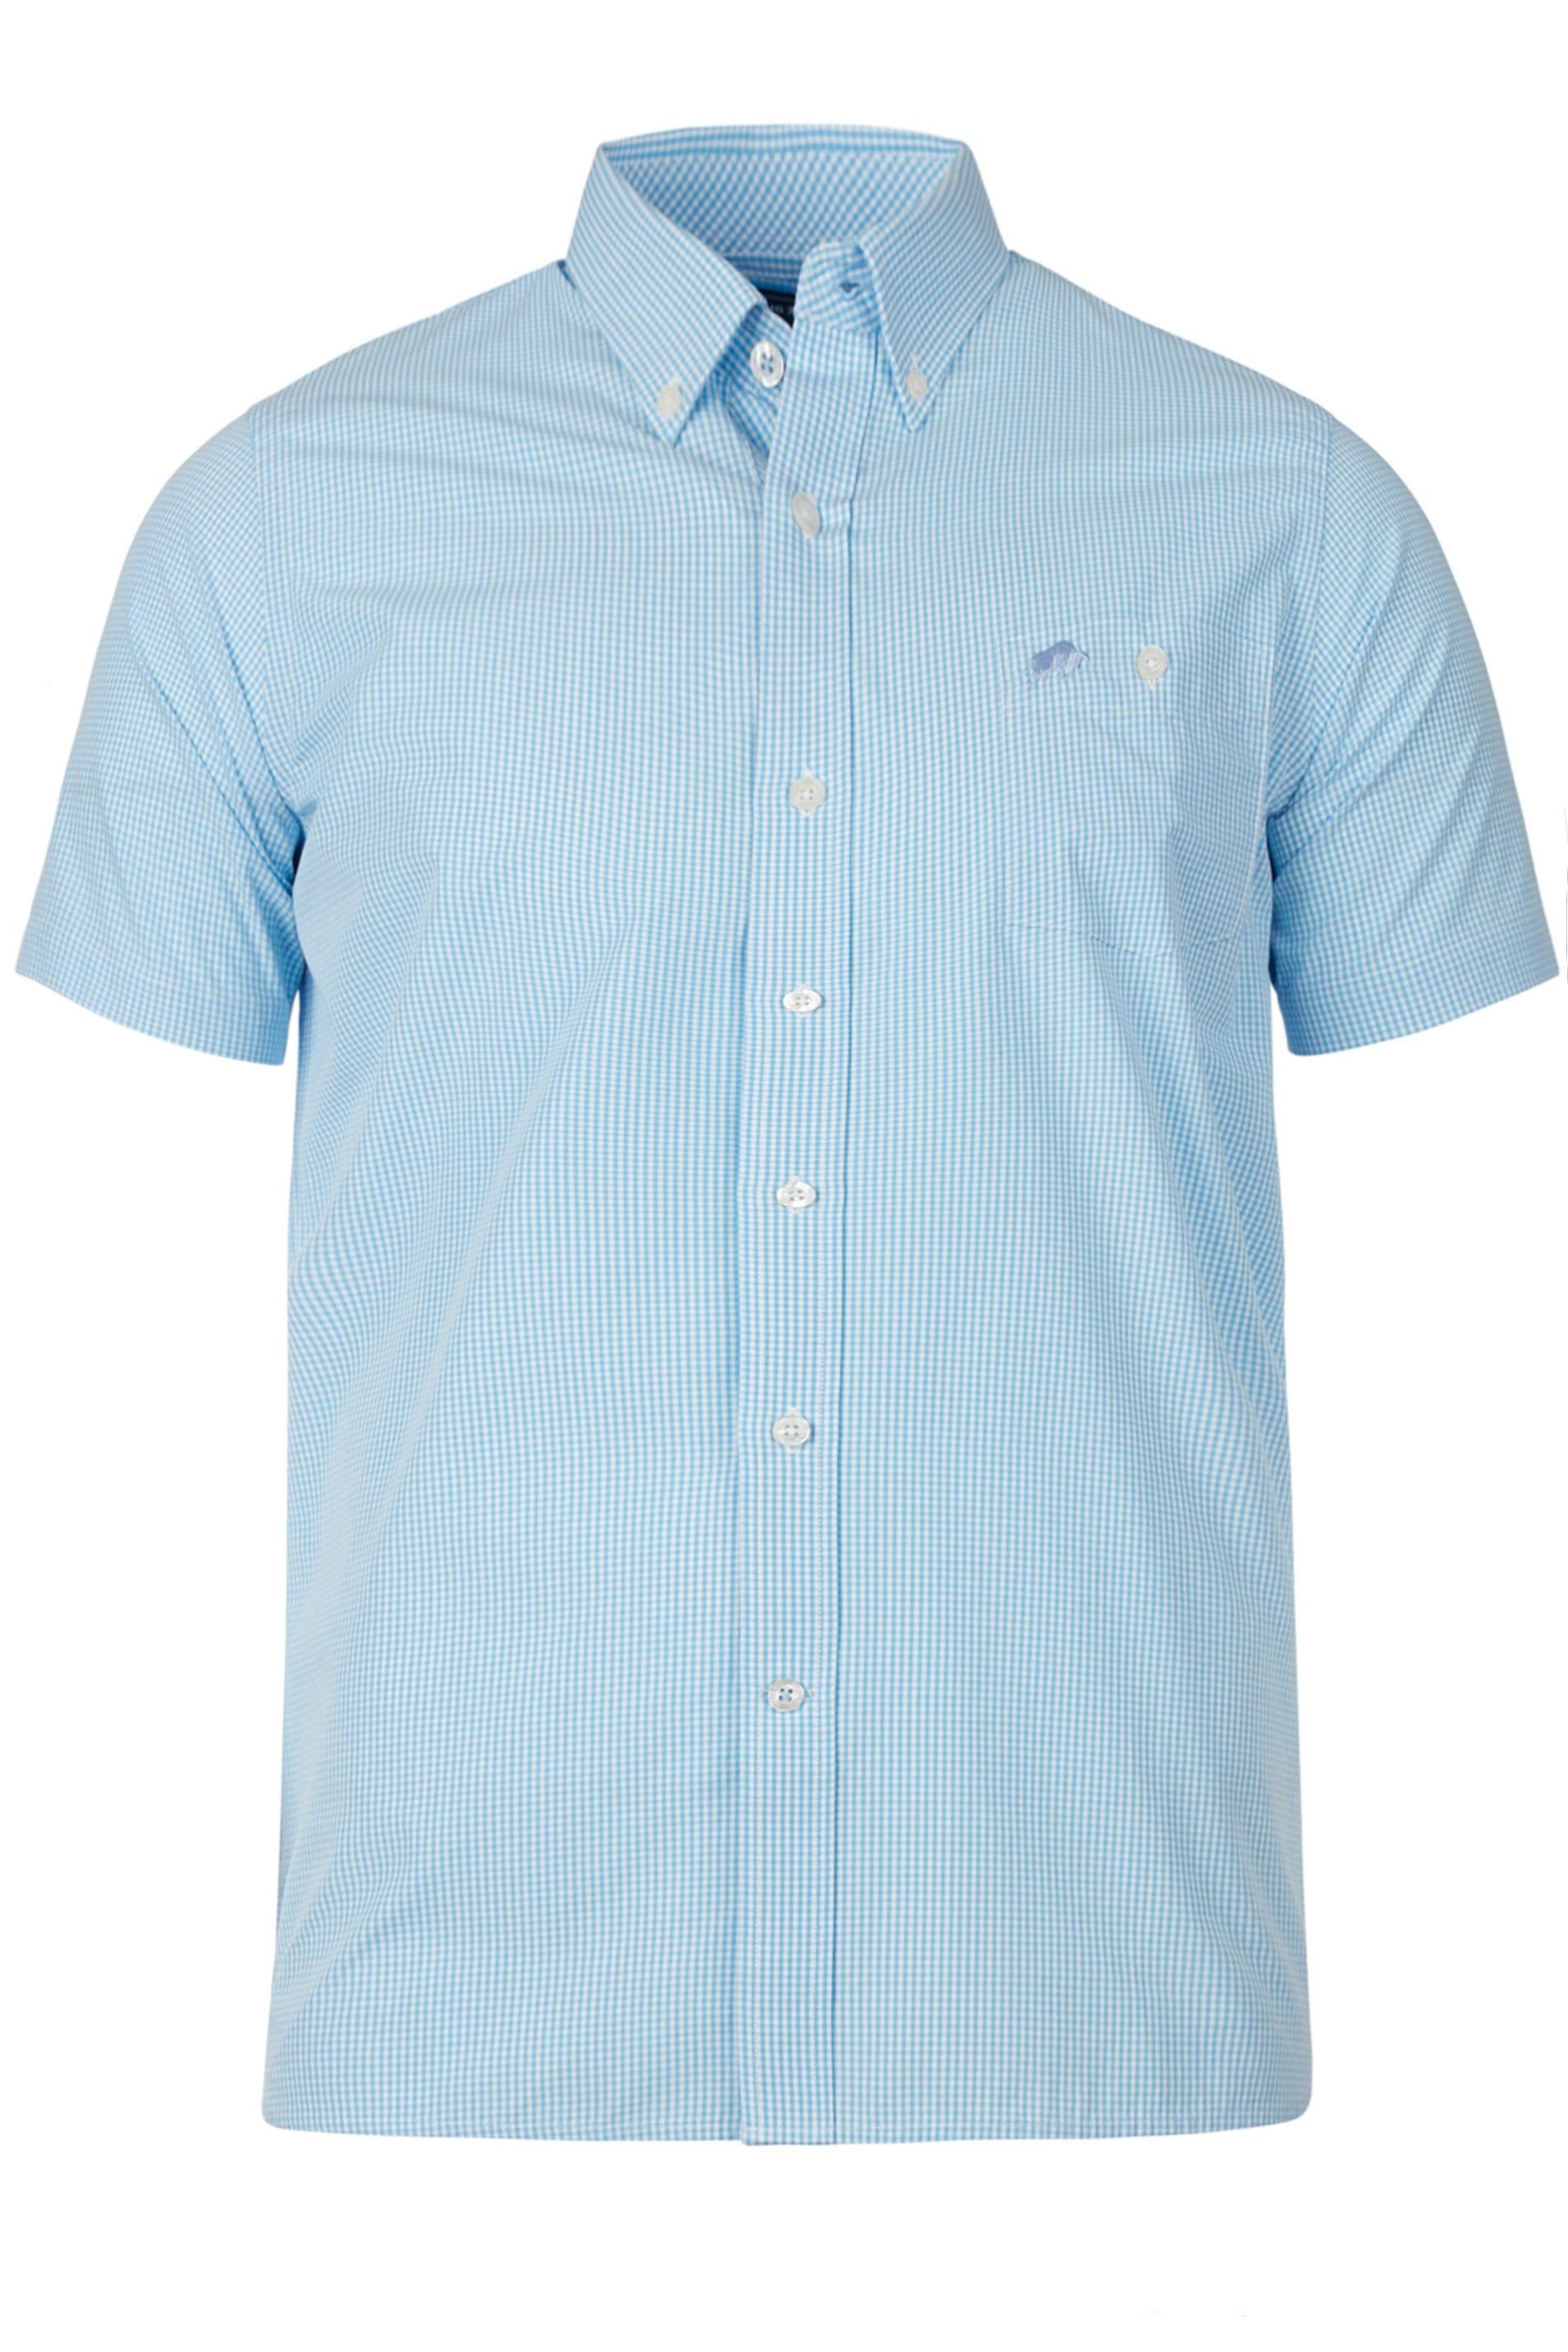 RAGING BULL Blue Gingham Shirt_eee4.jpg